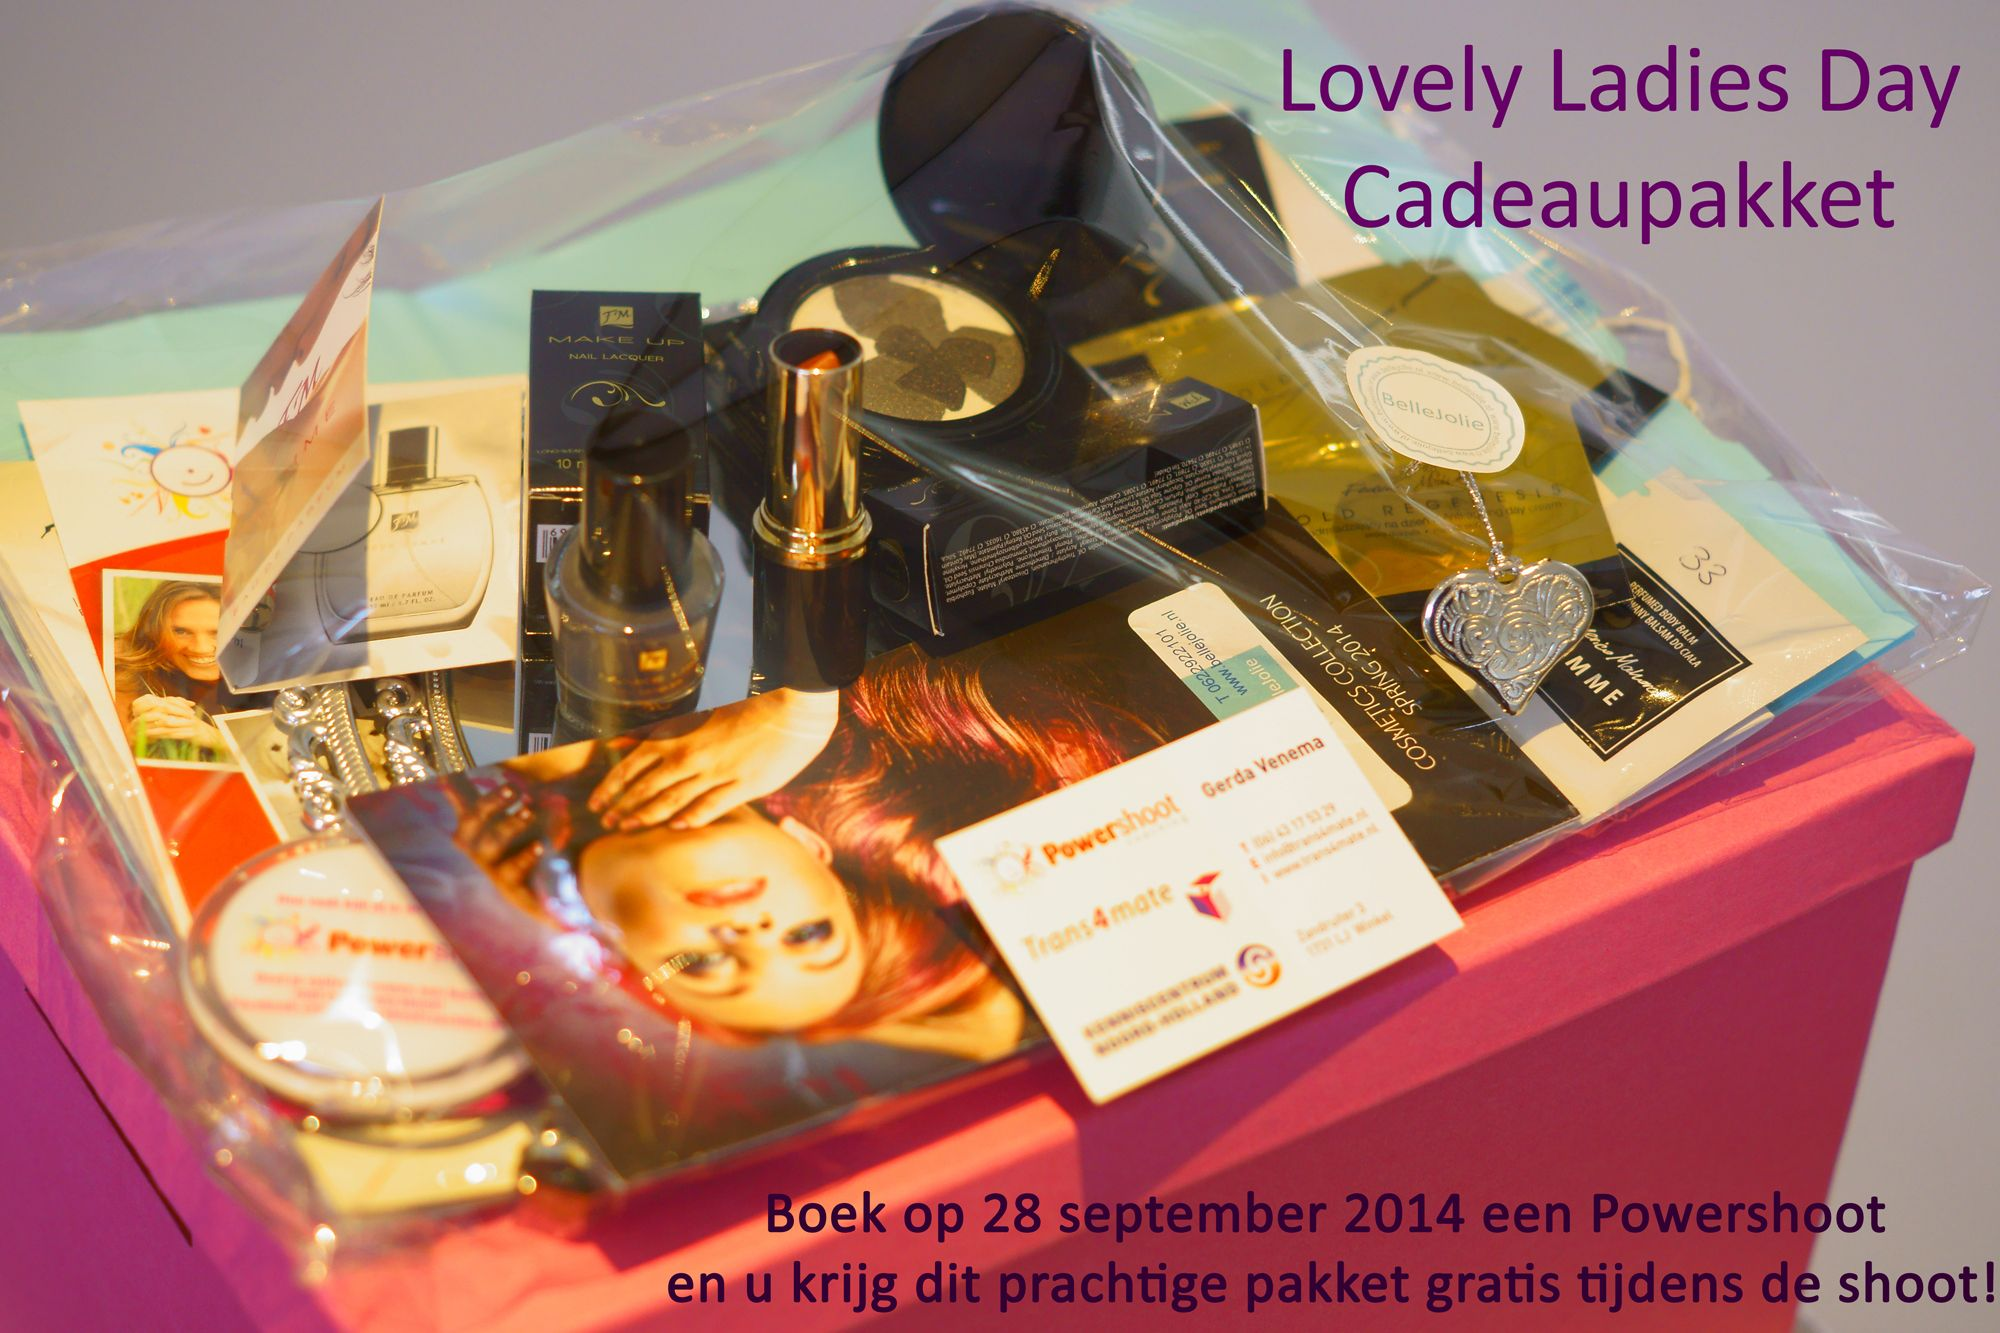 Gratis cadeaupakket bij boeking van een #Powershoot tijdens de Lovely Ladies Day op 28 september 2014.